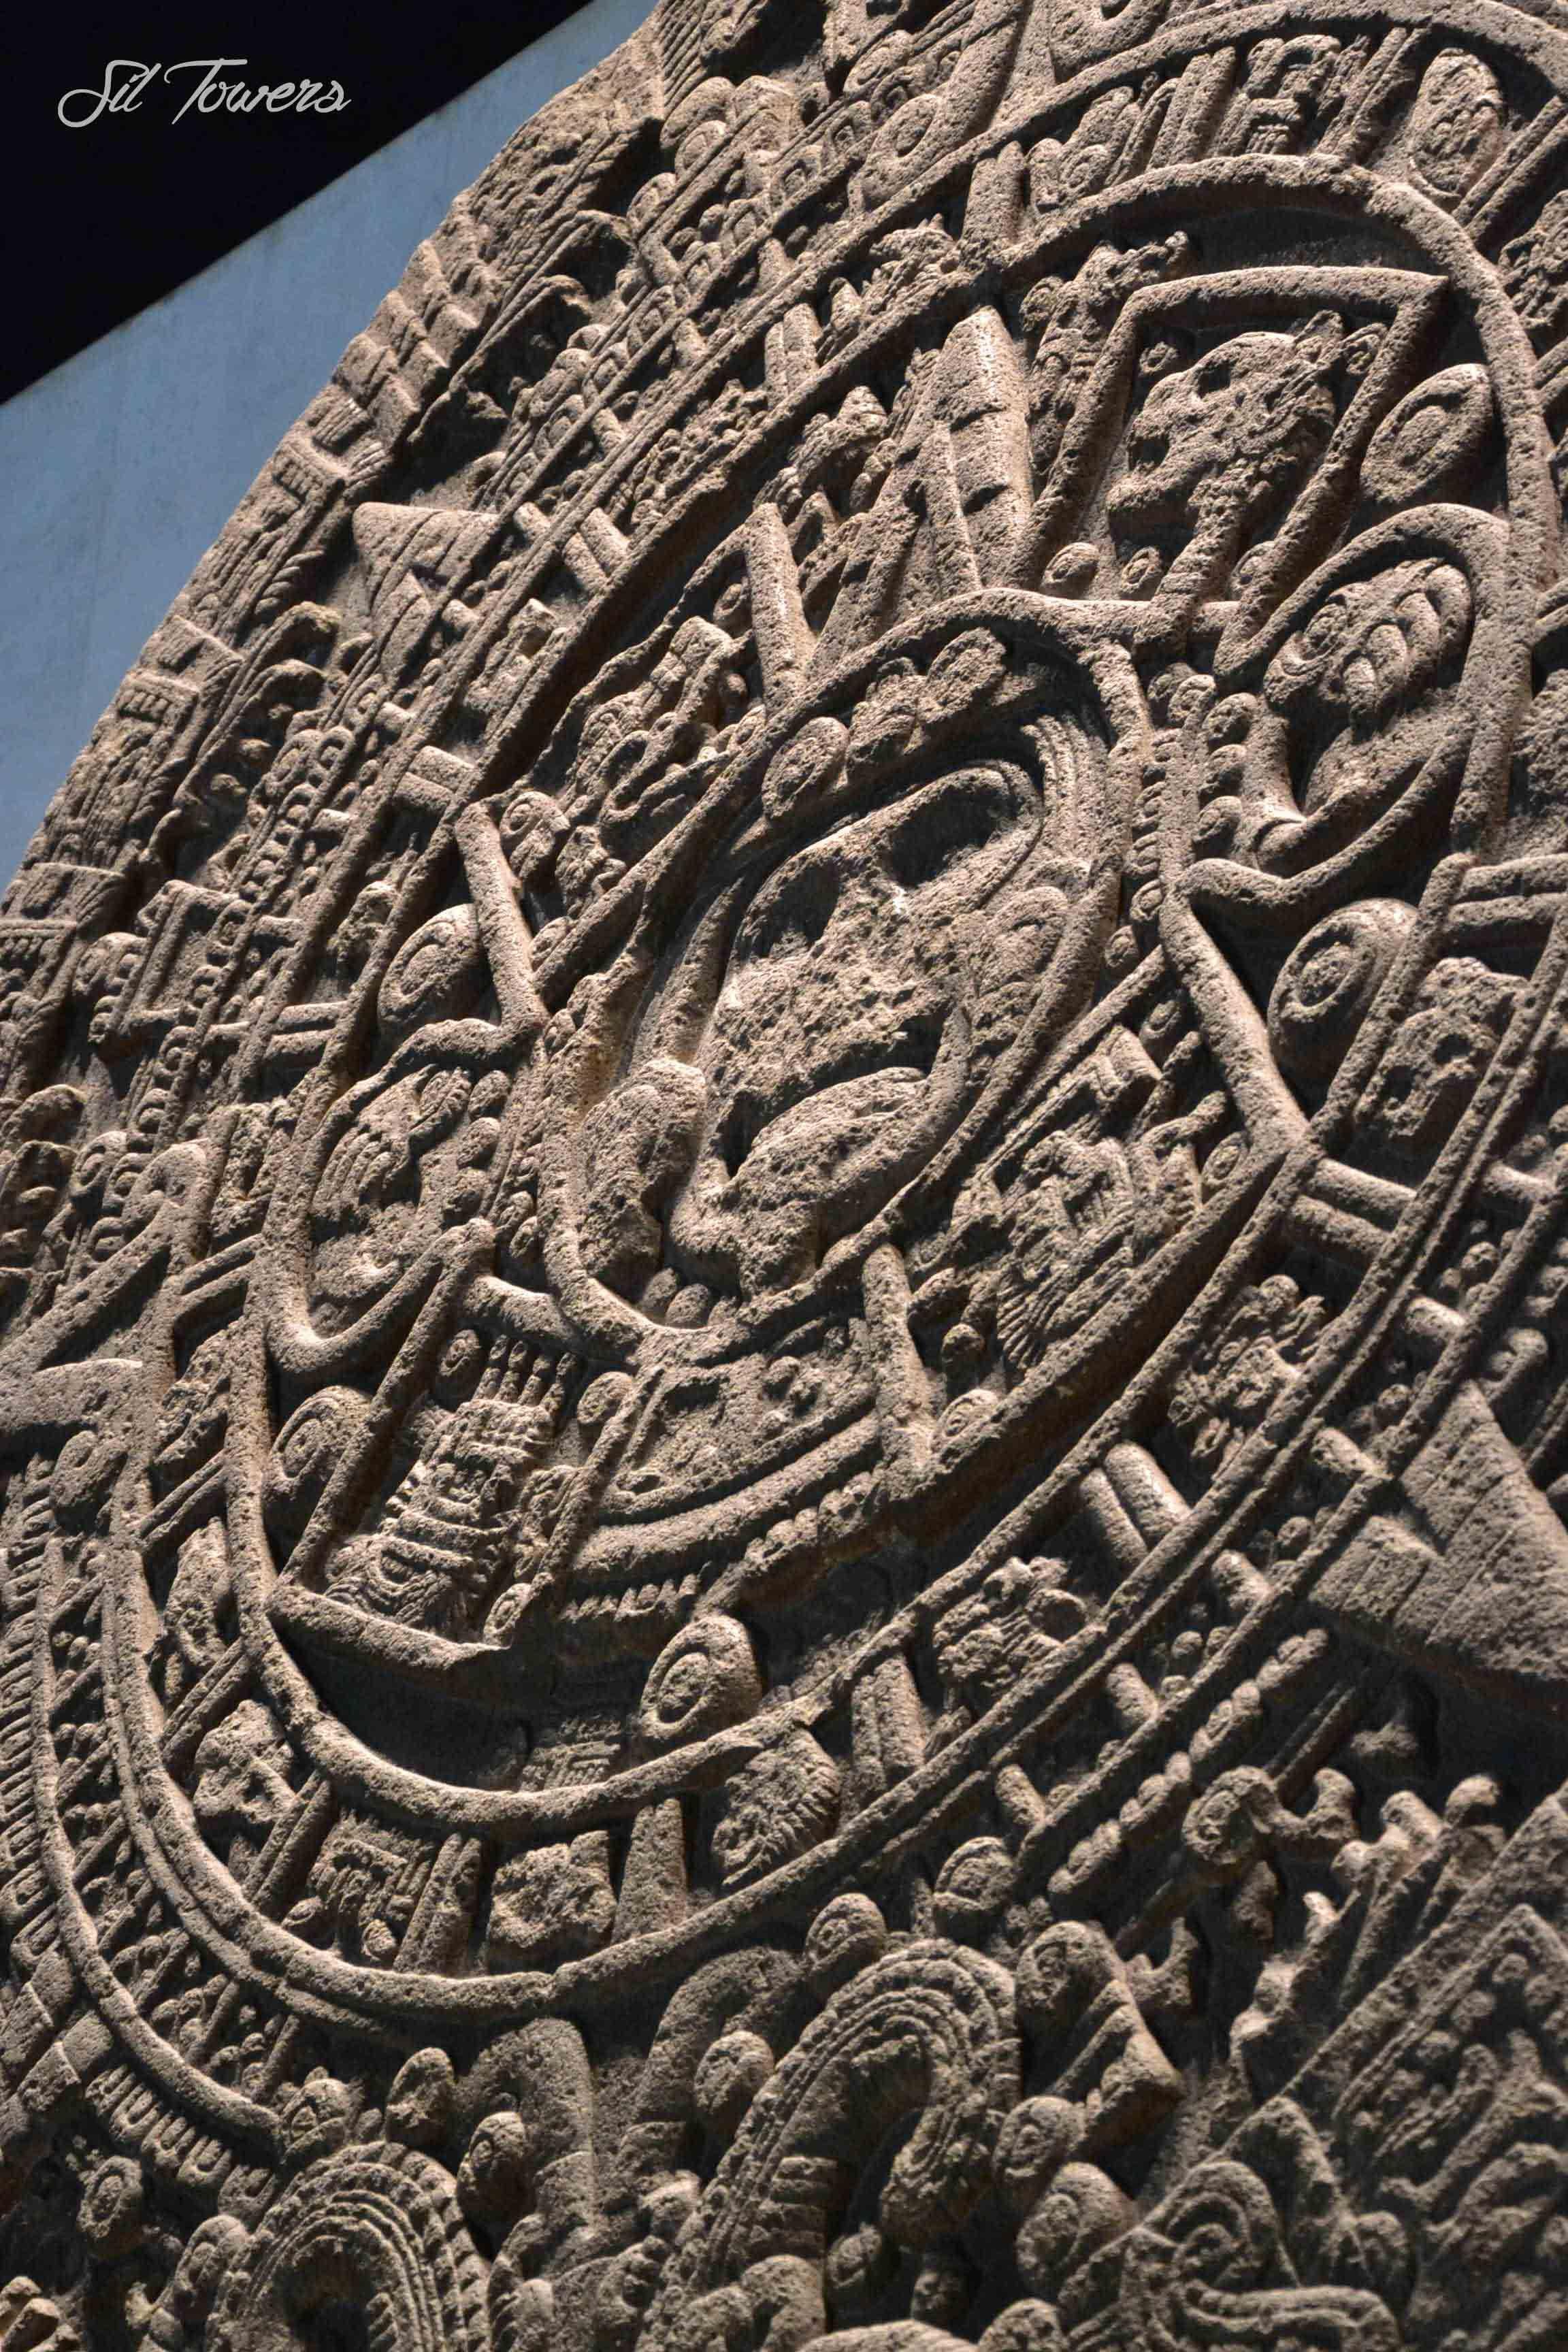 Museo Nacional de Antropología - México DF